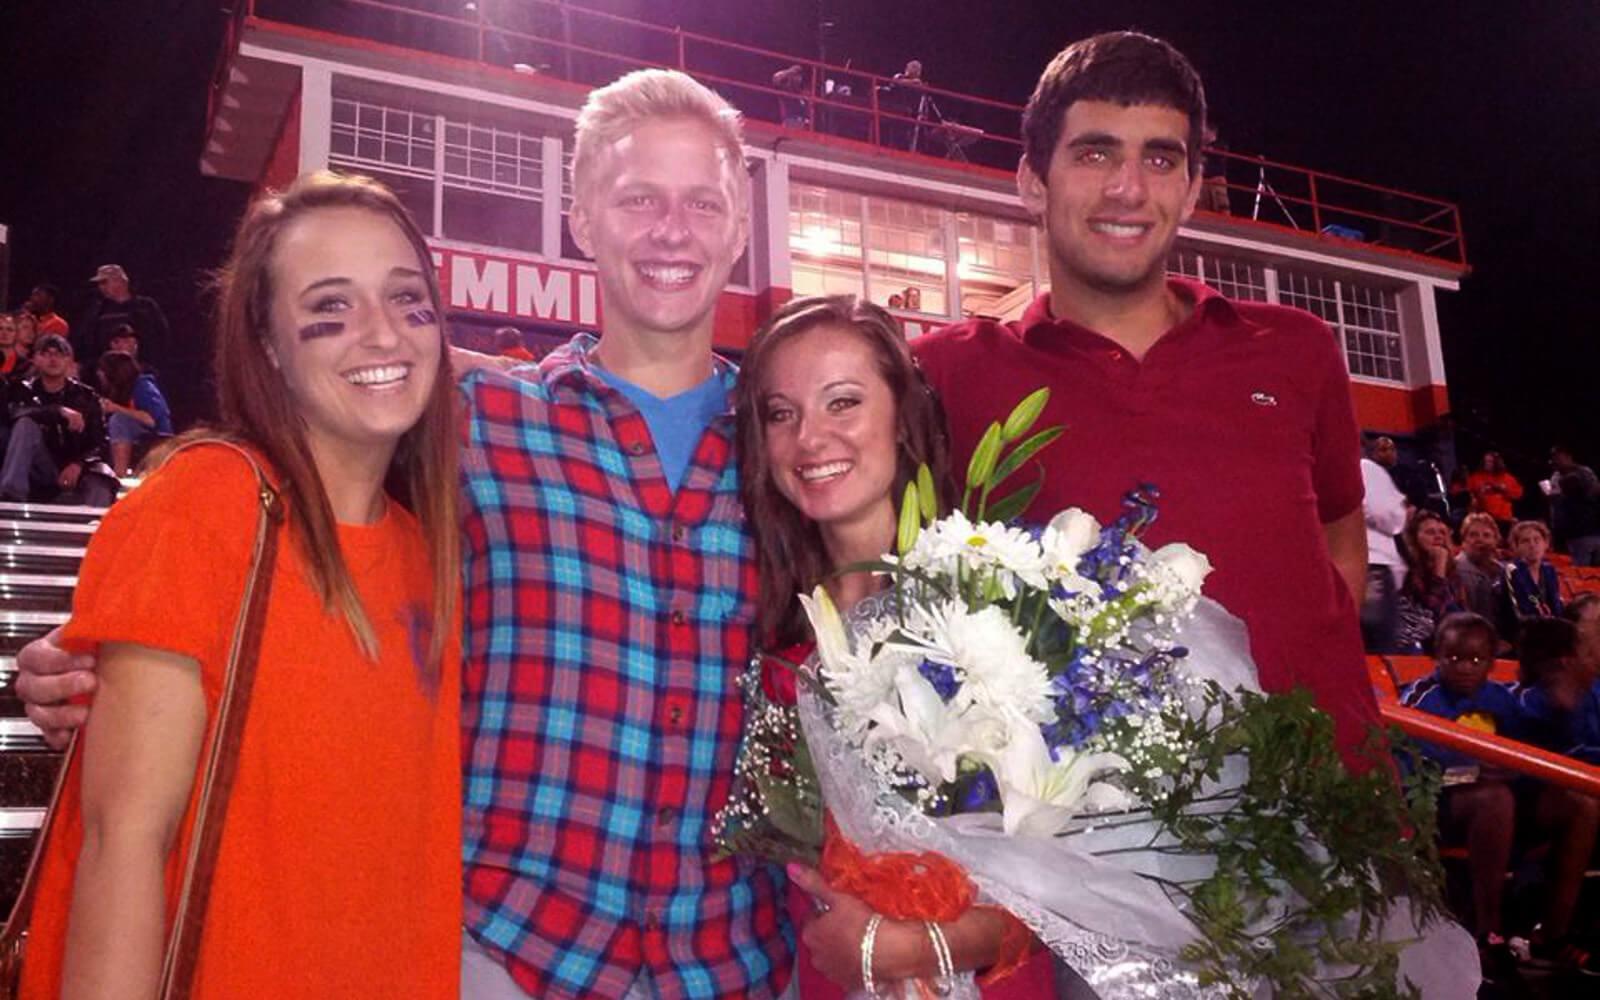 Malte und seine Freunde beim Homecoming Game